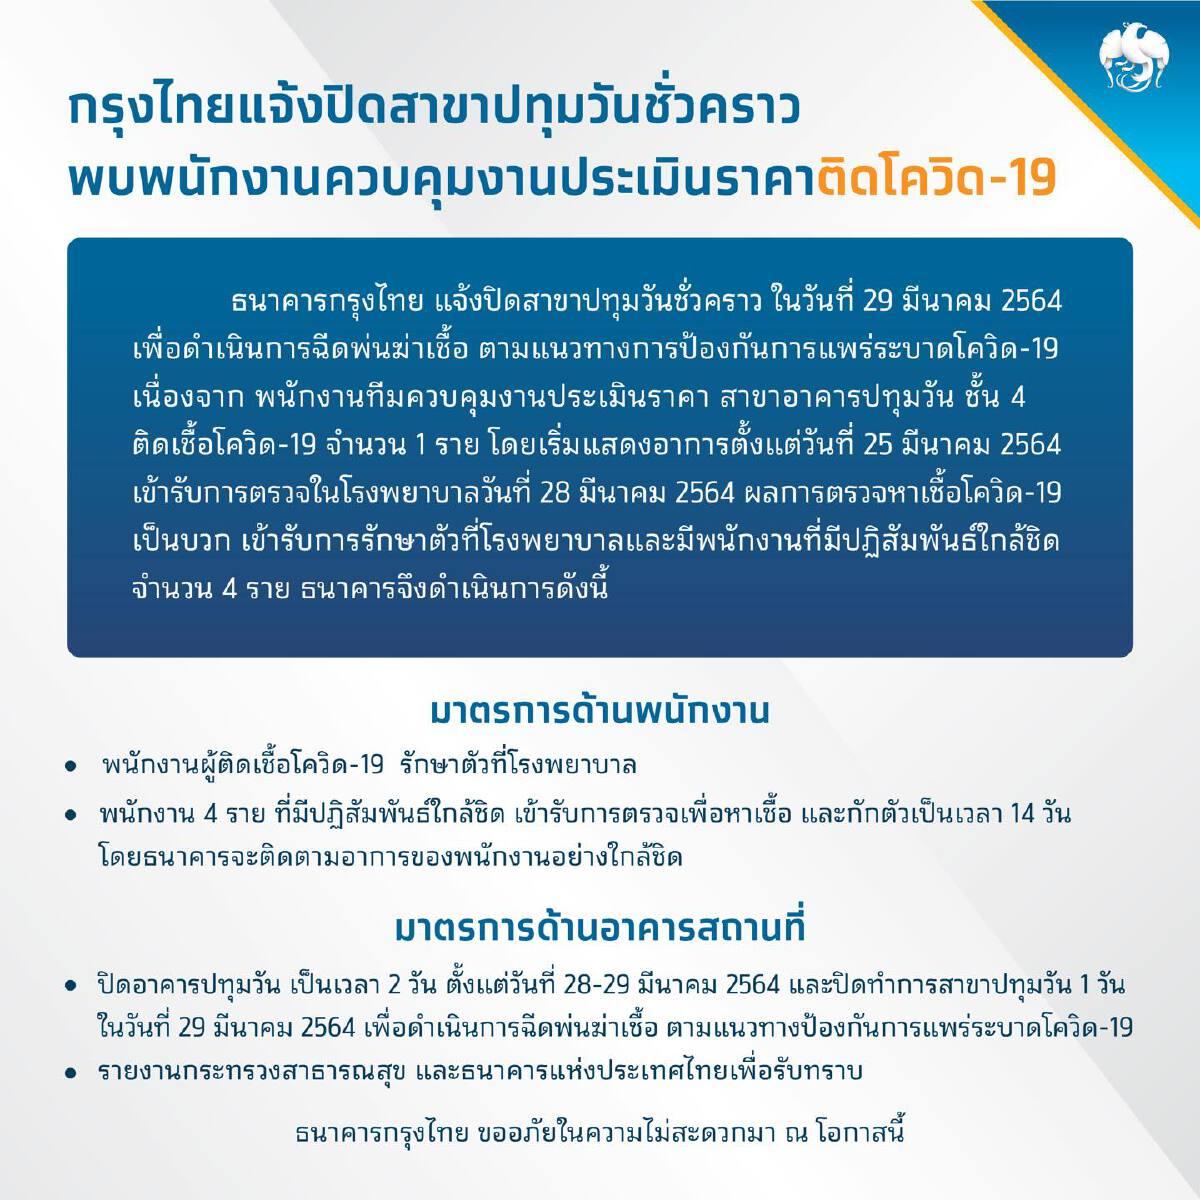 กรุงไทยแจ้งปิดสาขาปทุมวันชั่วคราว หลังพบพนักงานติดโควิด19